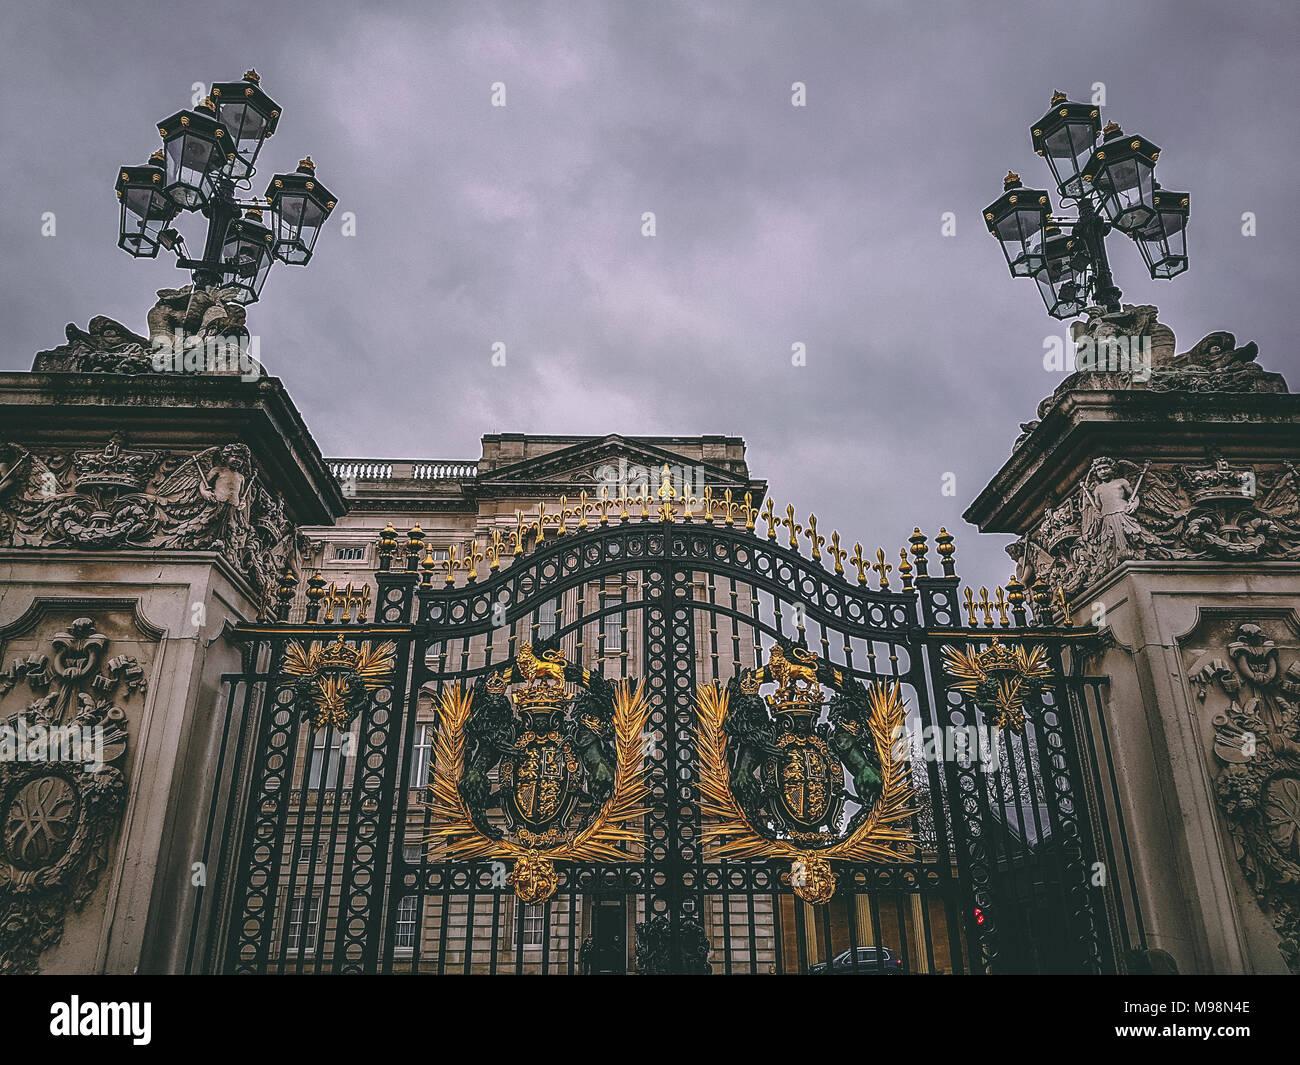 Dezember 28, 2017, London, England-Tore der Buckingham Palace, das London Residenz und Verwaltungssitz der Monarch des Vereinigten K Stockbild